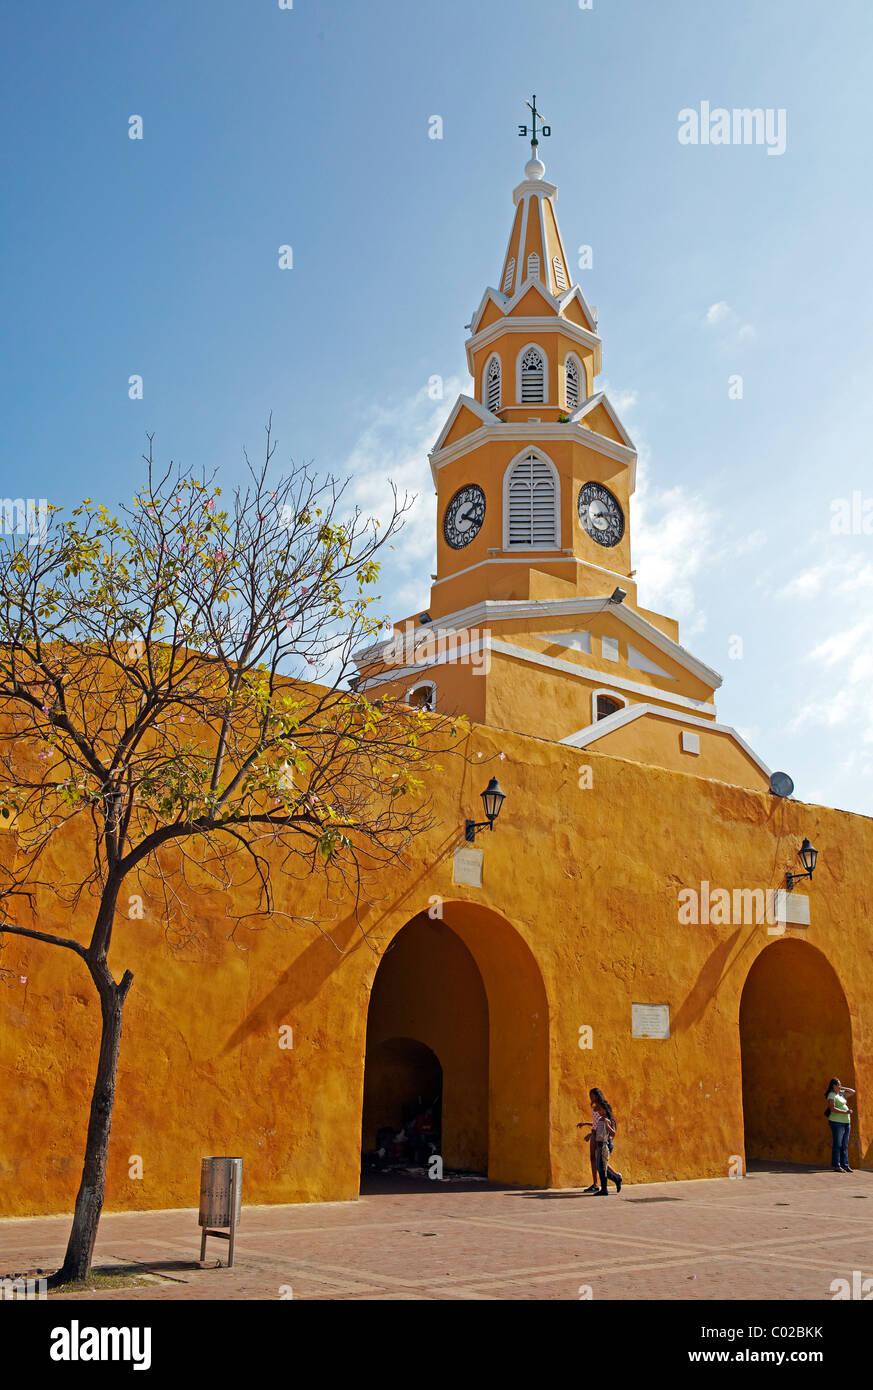 Il giallo di clock tower, Cartagena città vecchia, Colombia Immagini Stock